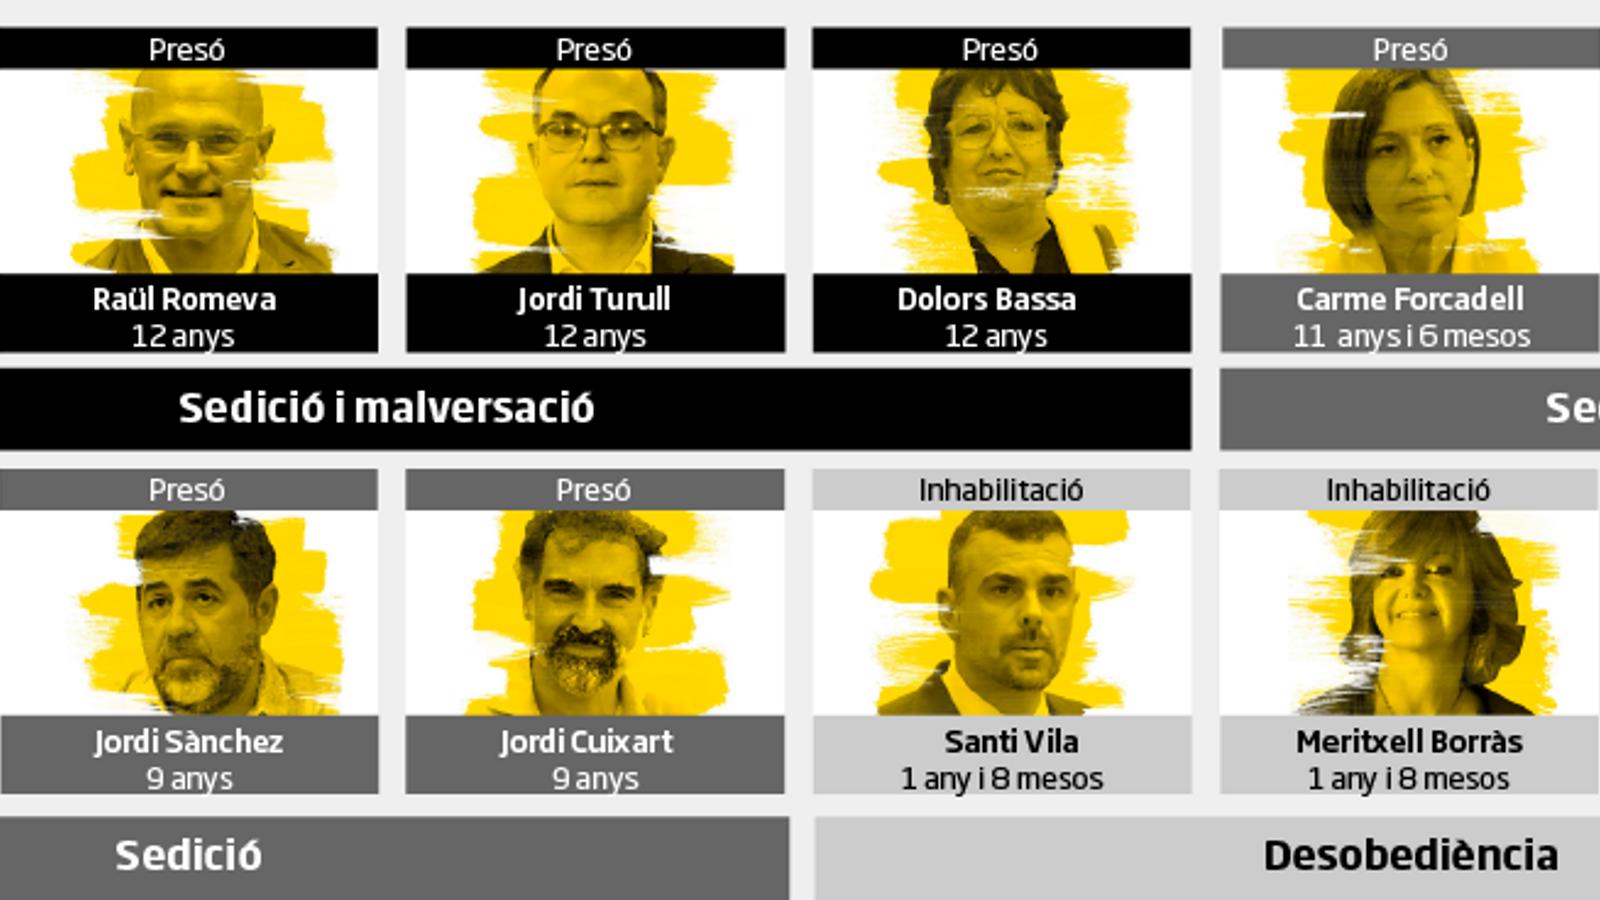 El Suprem condemna els líders independentistes a fins a 13 anys de presó per sedició i malversació